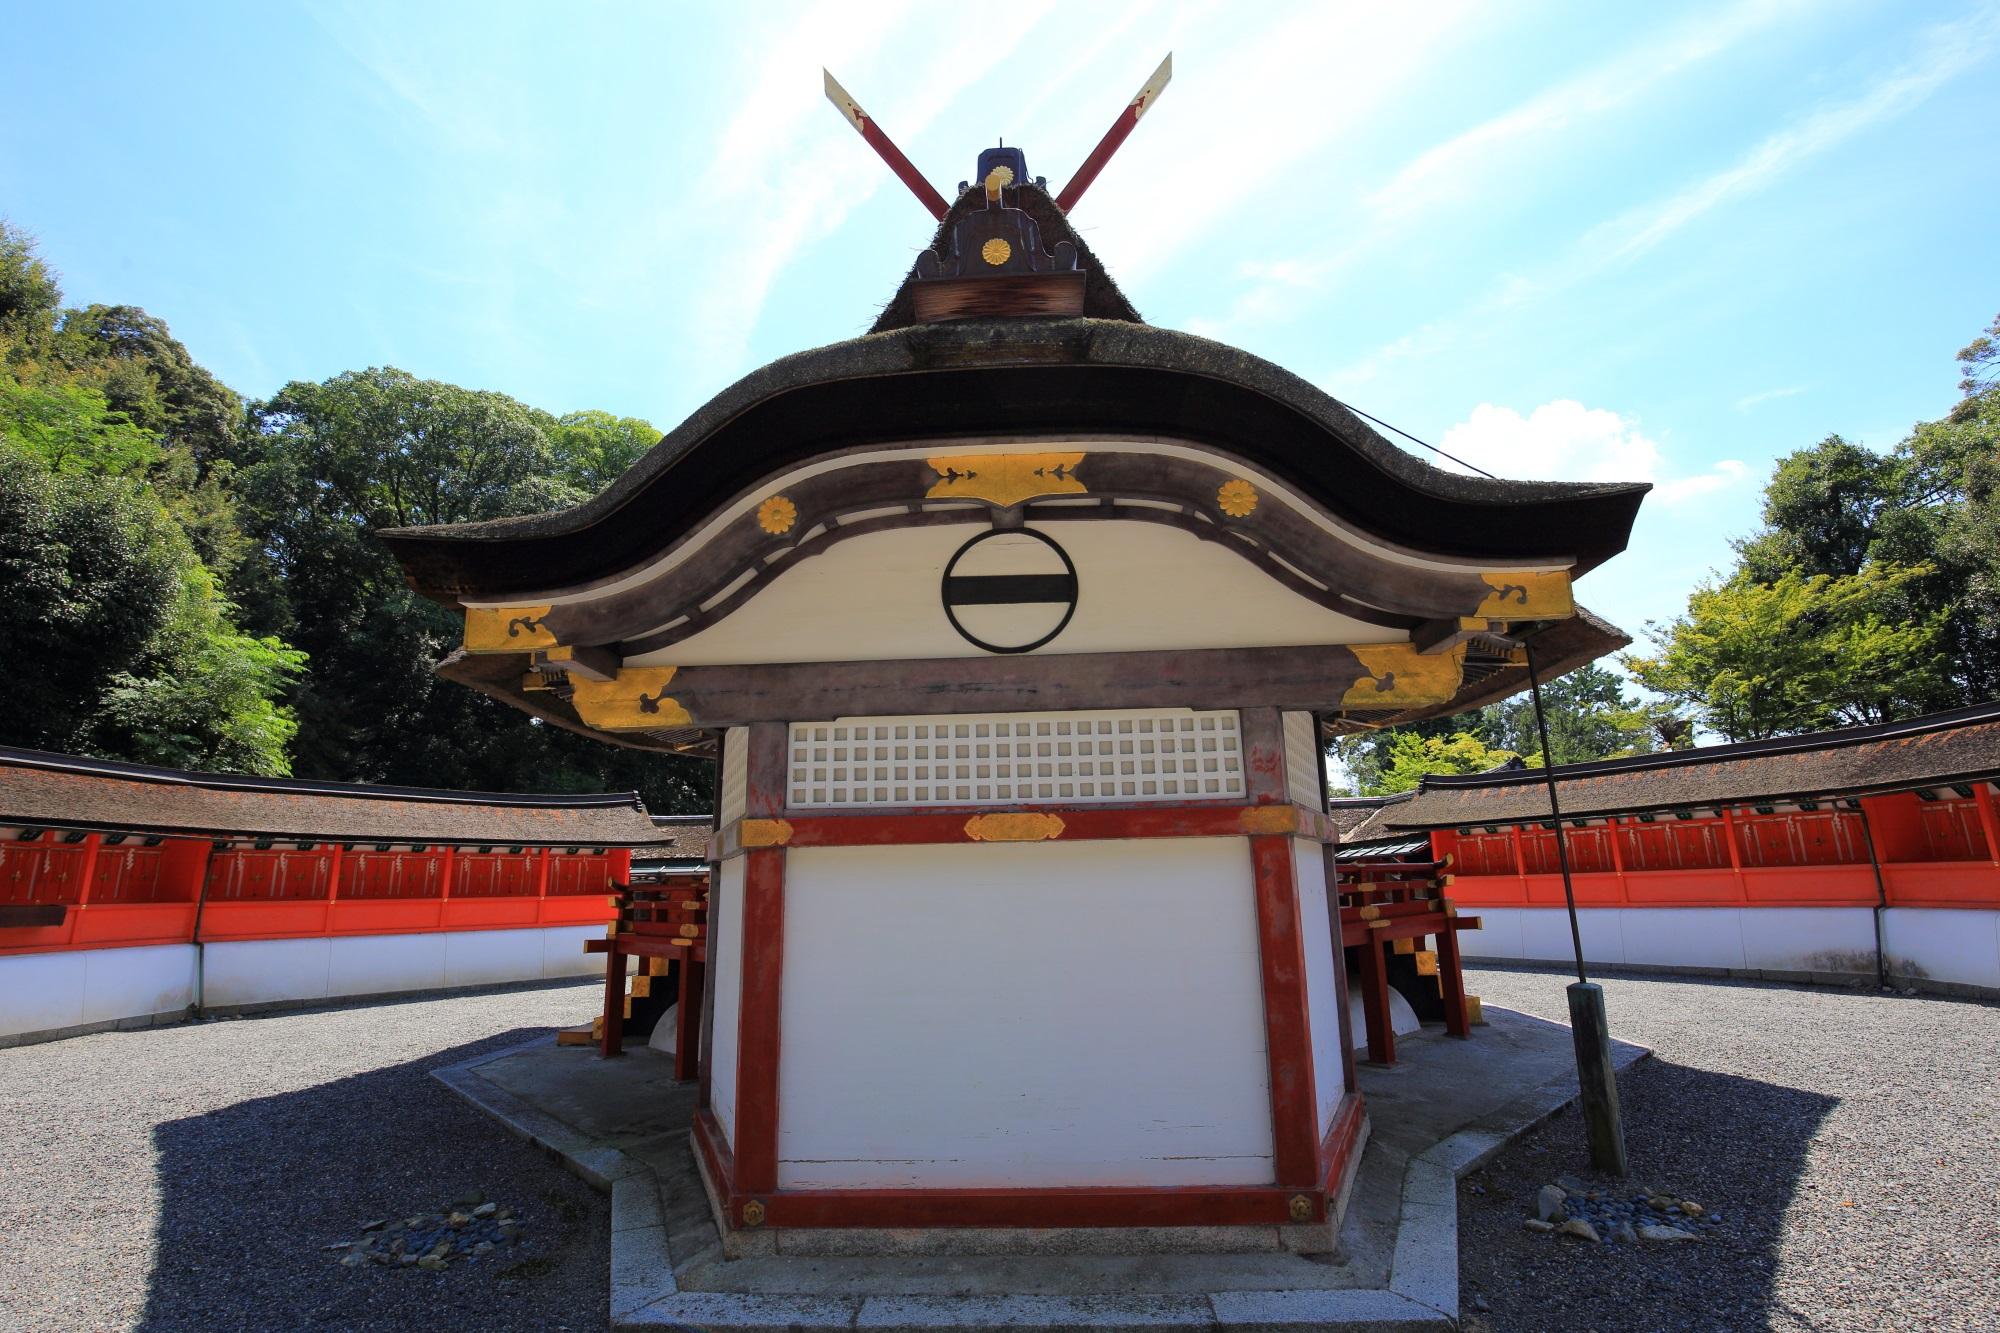 吉田神社の末社の斎場所大元宮